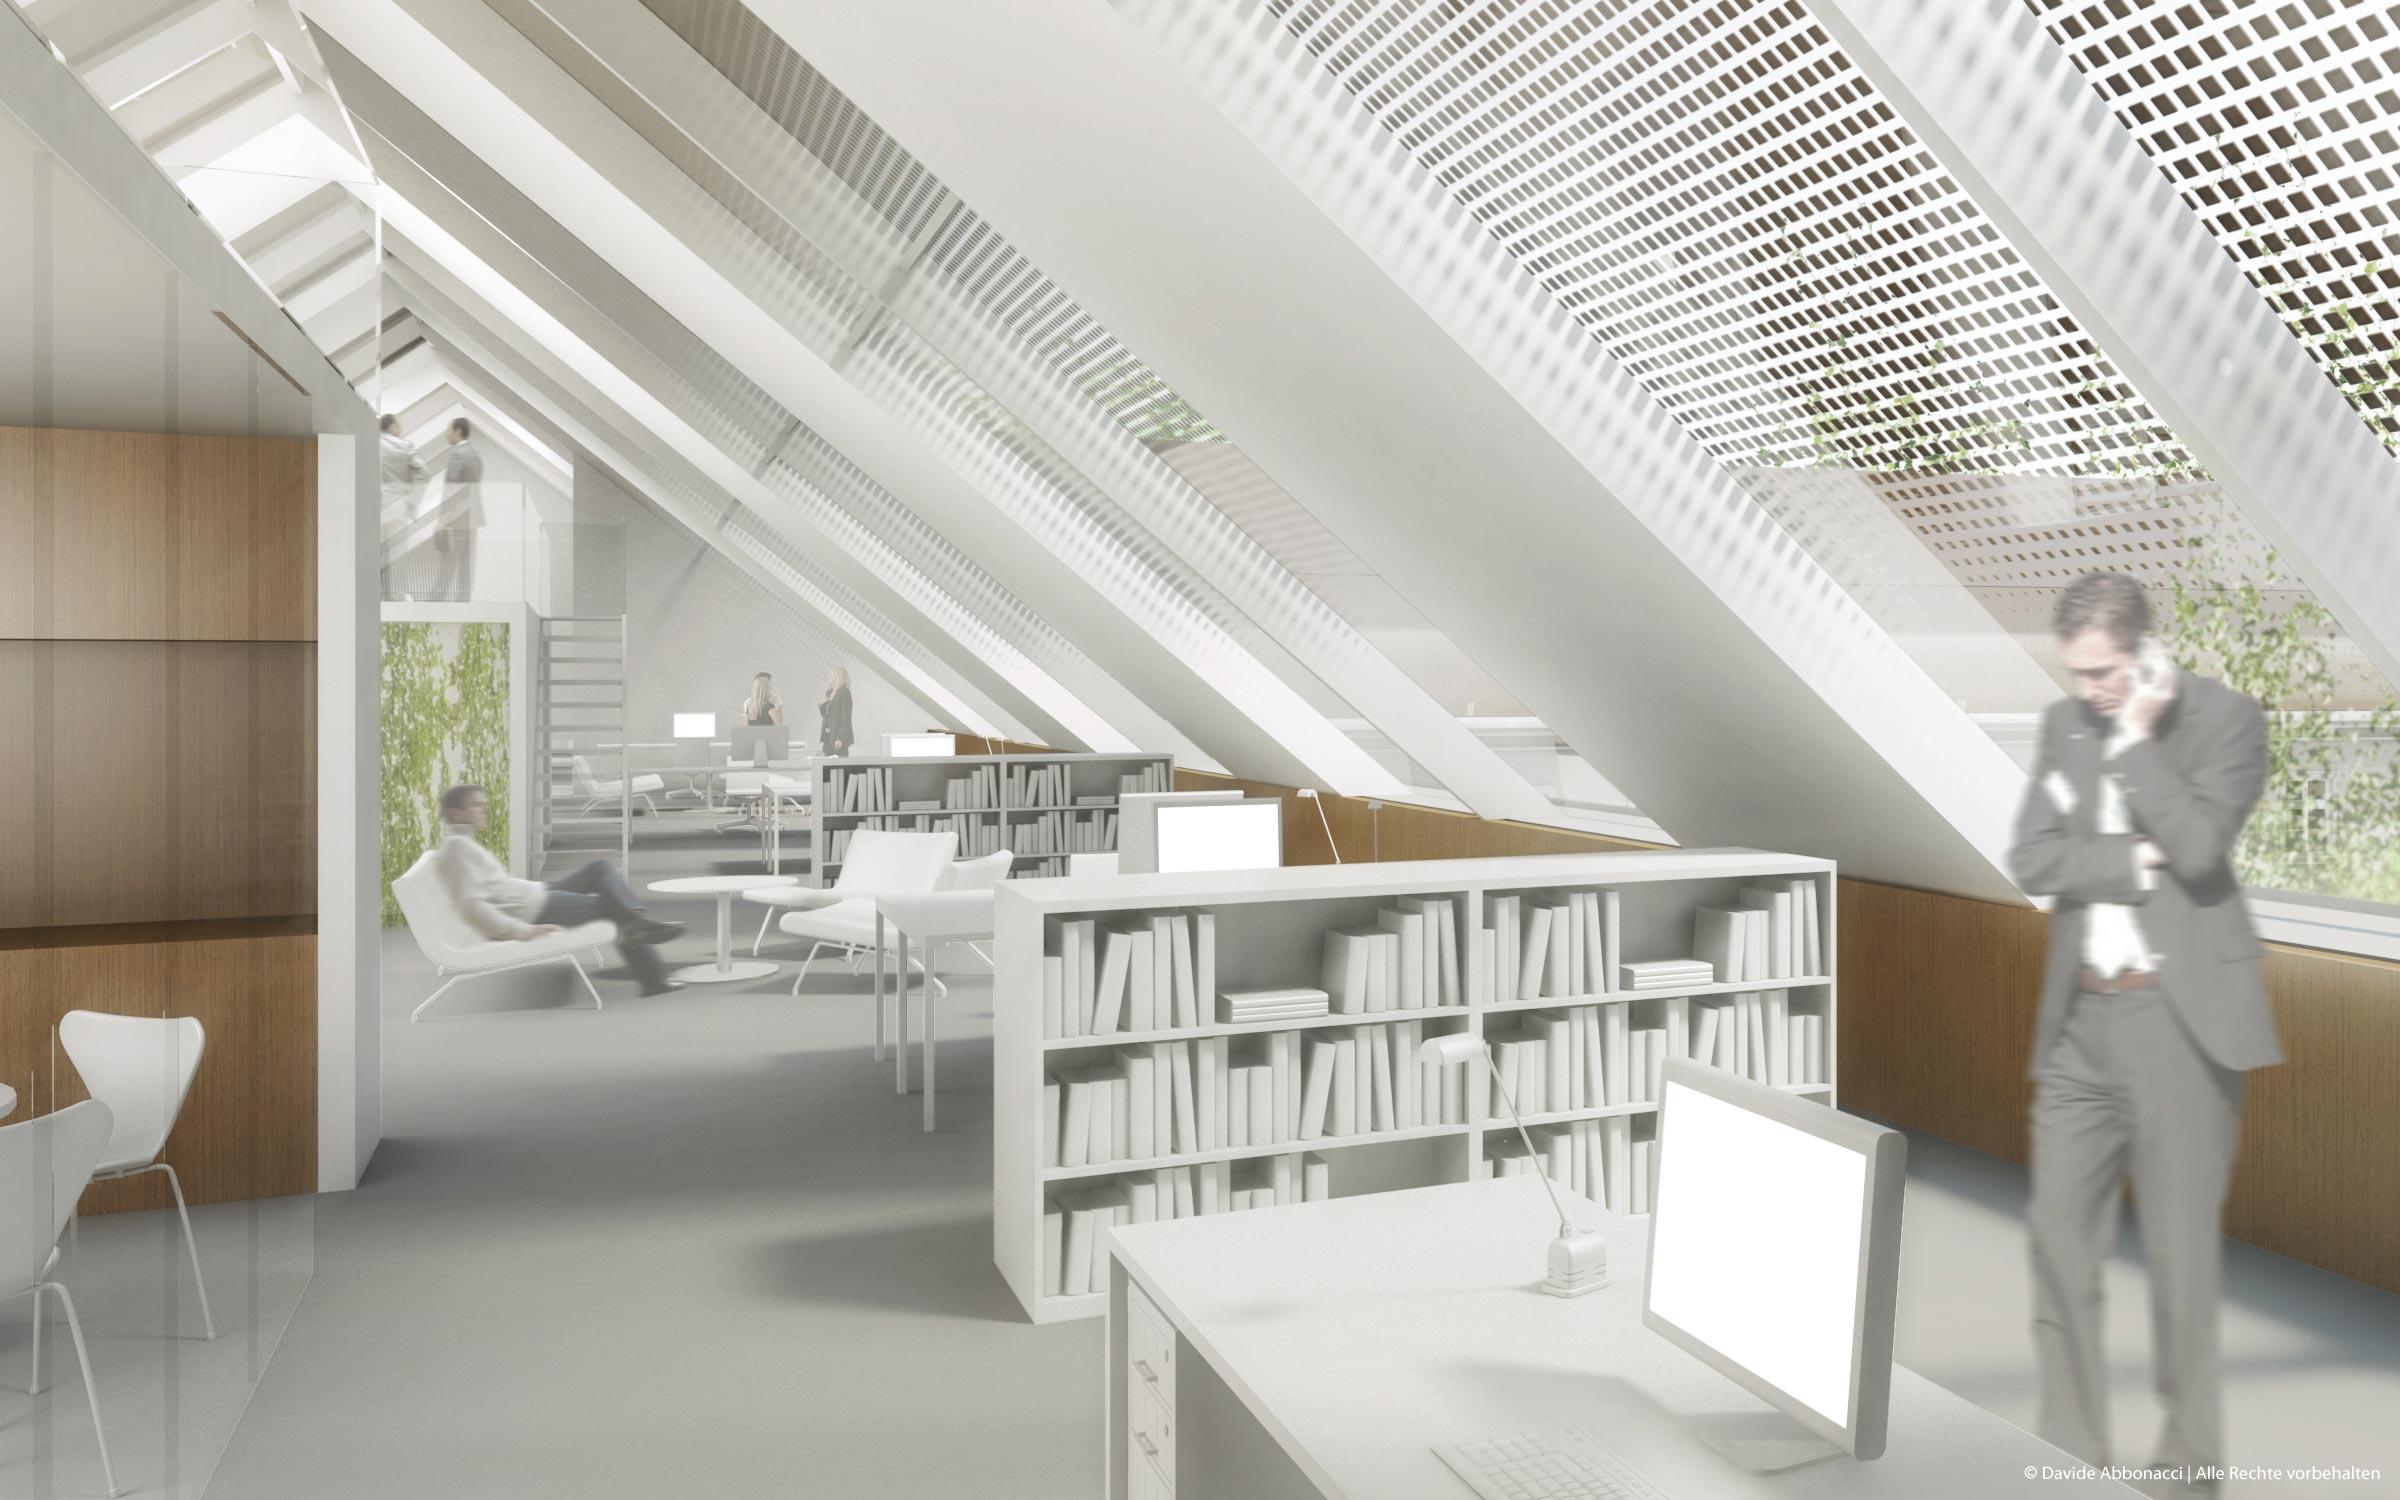 Umweltbundesamt, Berlin | Numrich Albrecht Klumpp Architekten | 2010 Wettbewerbsvisualisierung